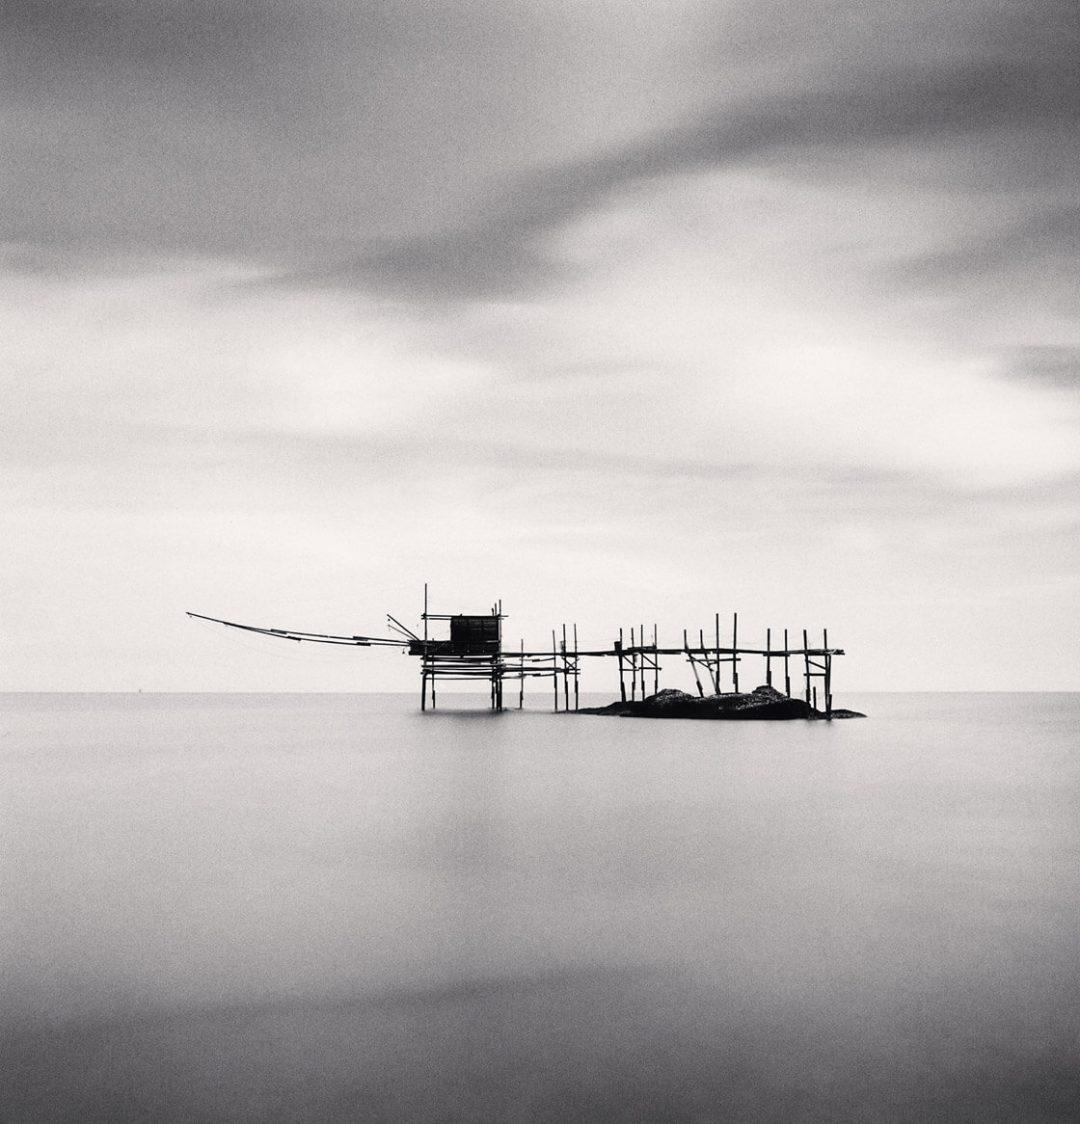 Trabocco Punta Aderci, Study 2, Vasto, Abruzzo, Italy - Michael Kenna